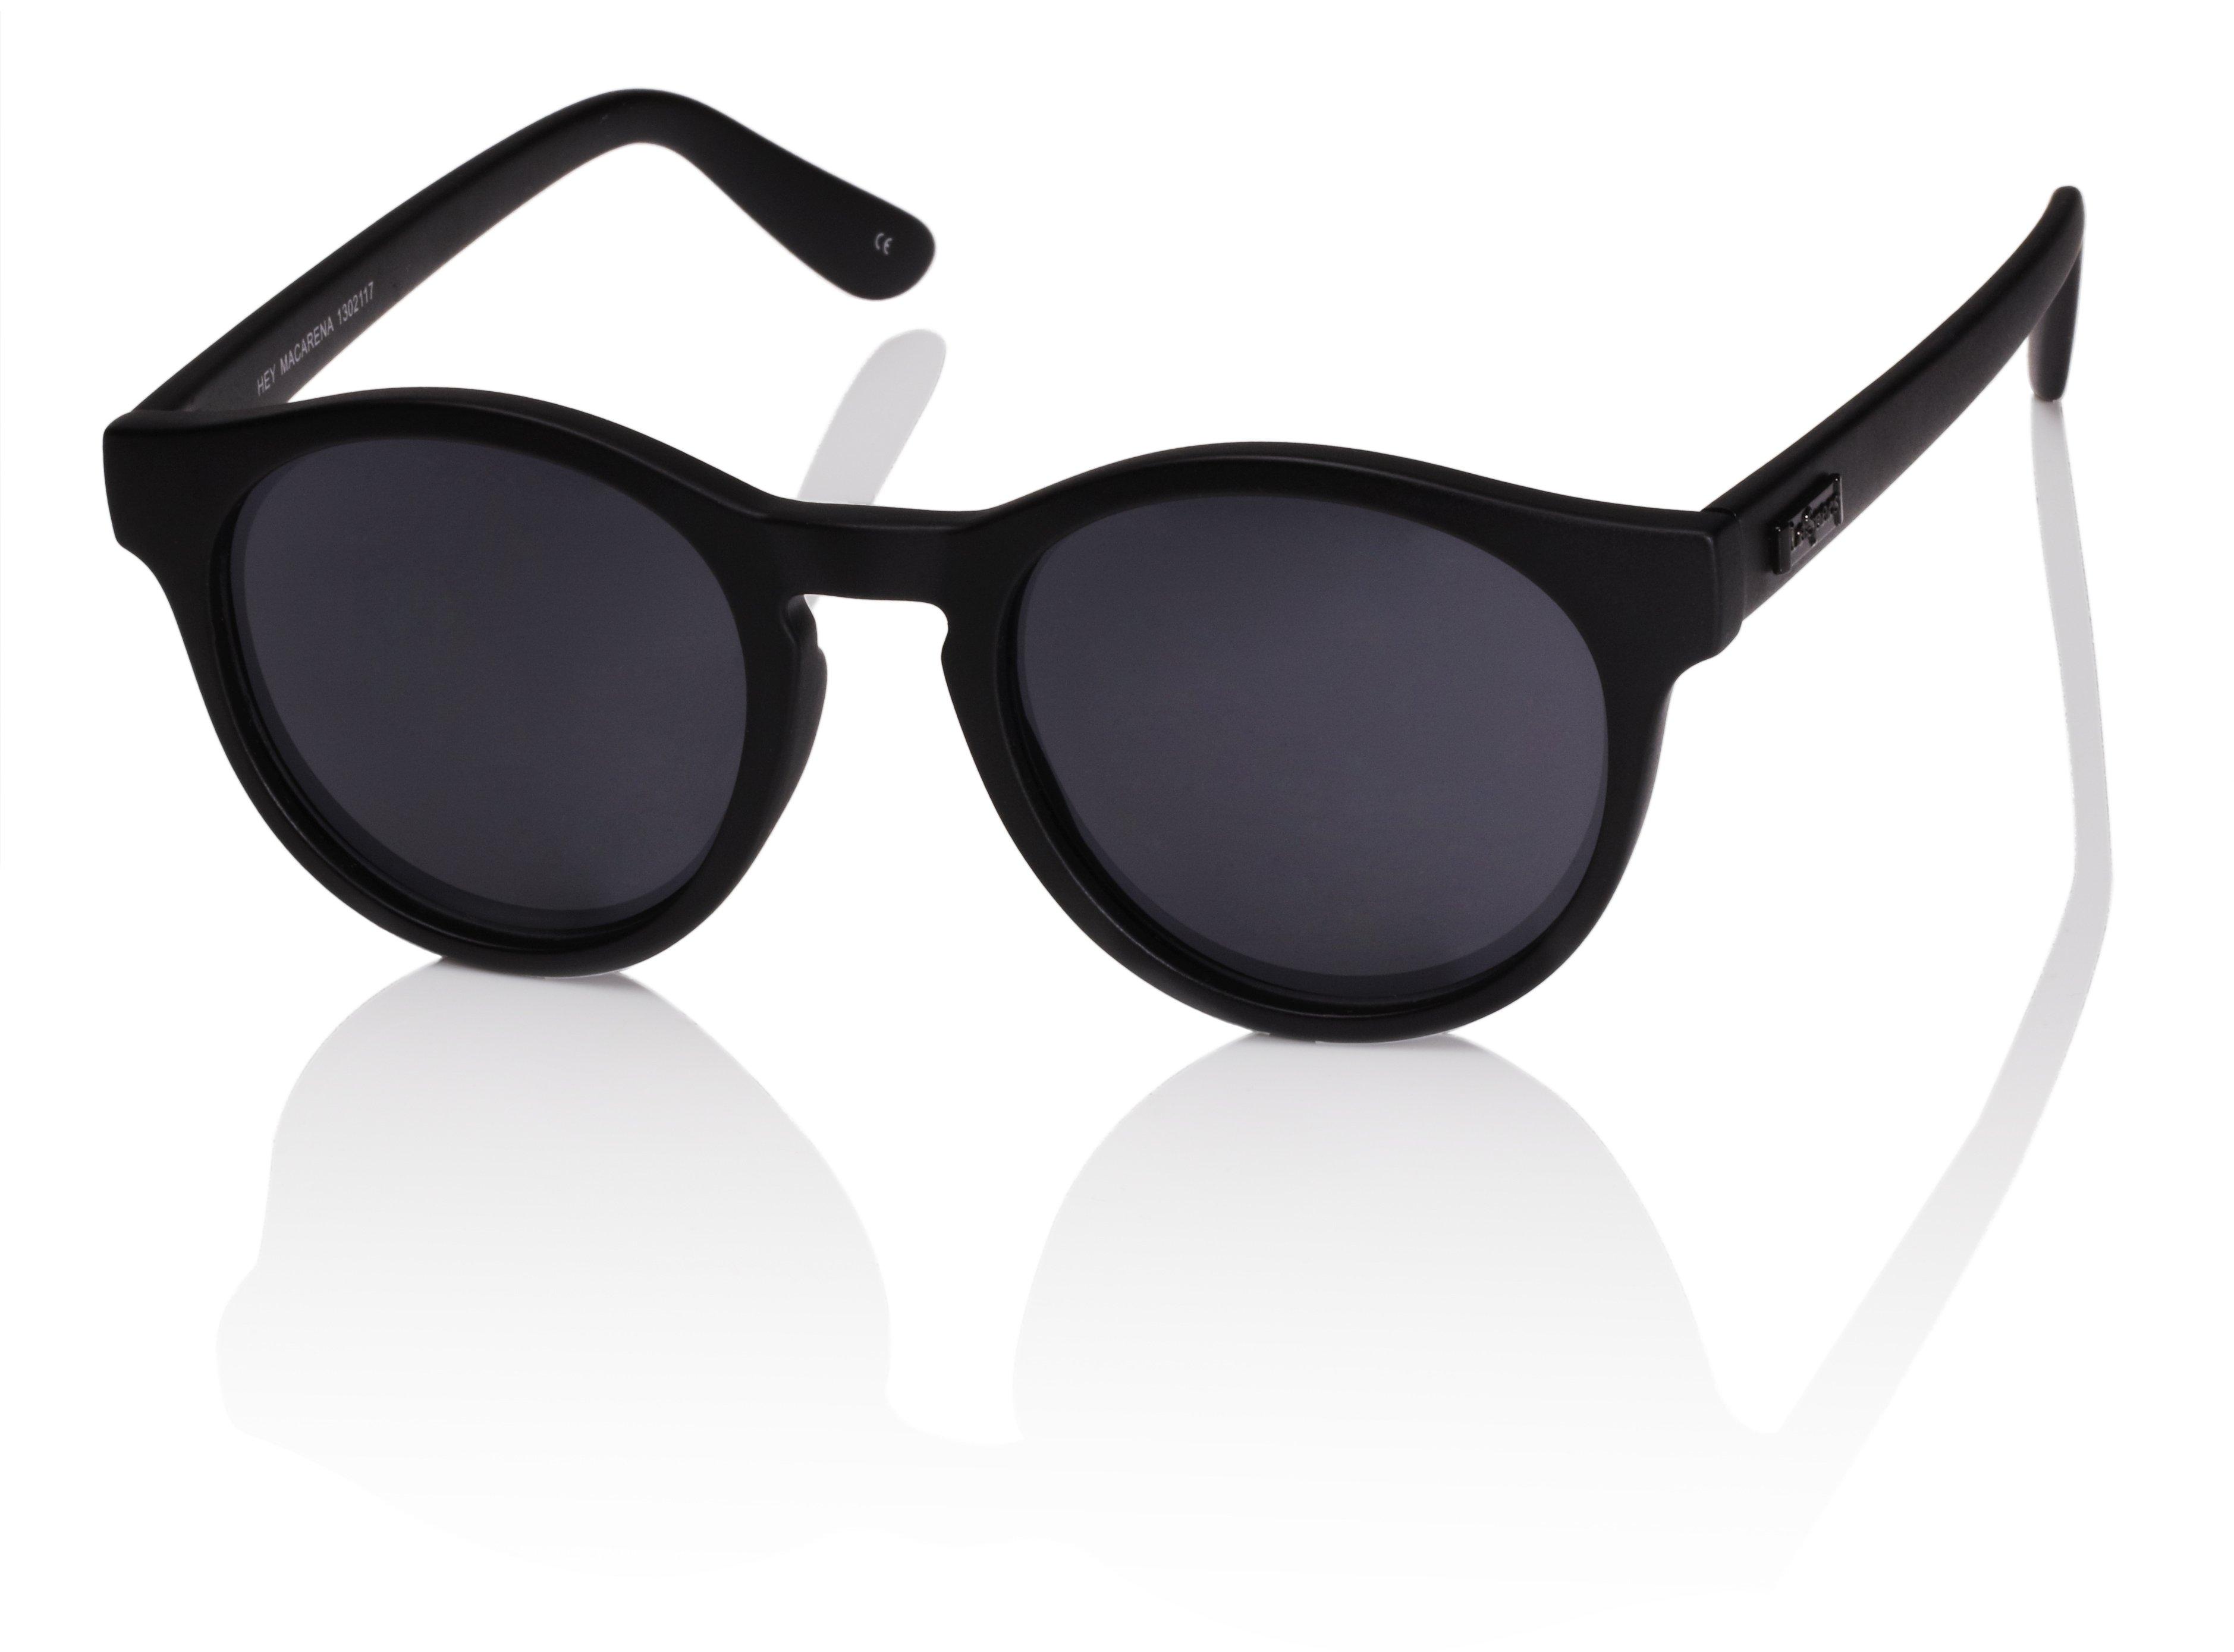 sonnenbrille le specs hey macarena ebay. Black Bedroom Furniture Sets. Home Design Ideas